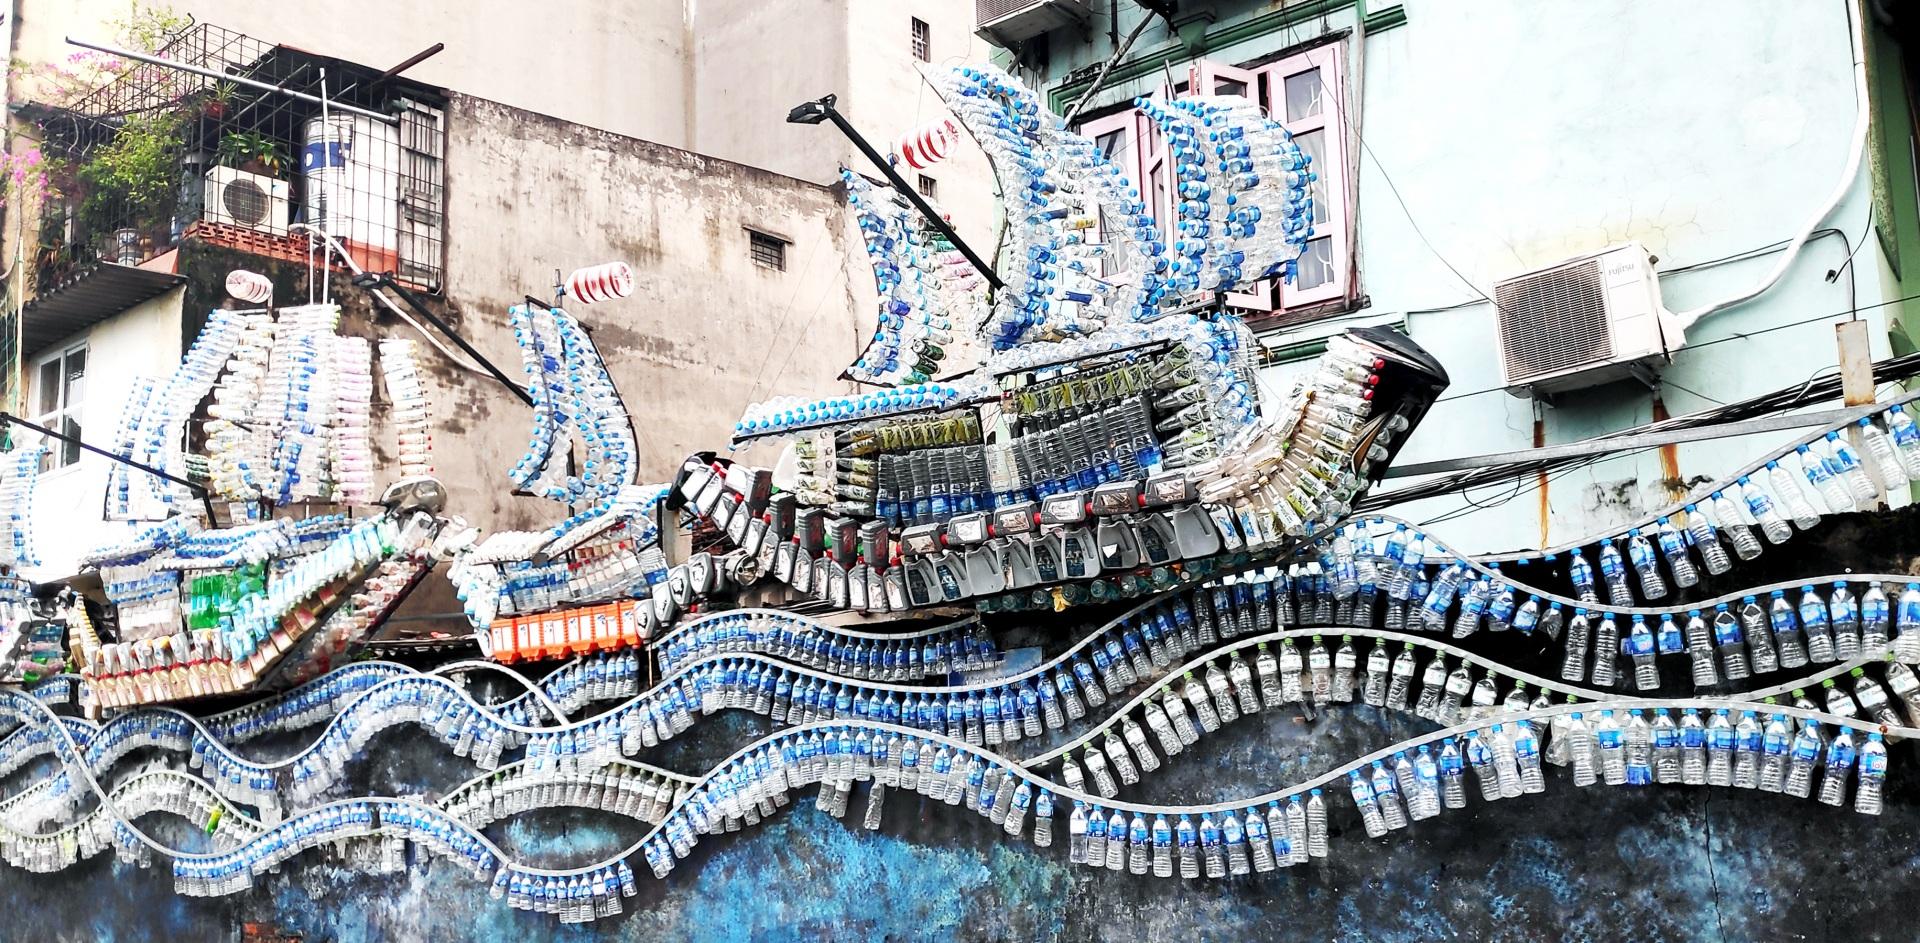 Thủ đô Hà Nội giảm thiểu rác thải nhựa bằng những việc làm thiết thực